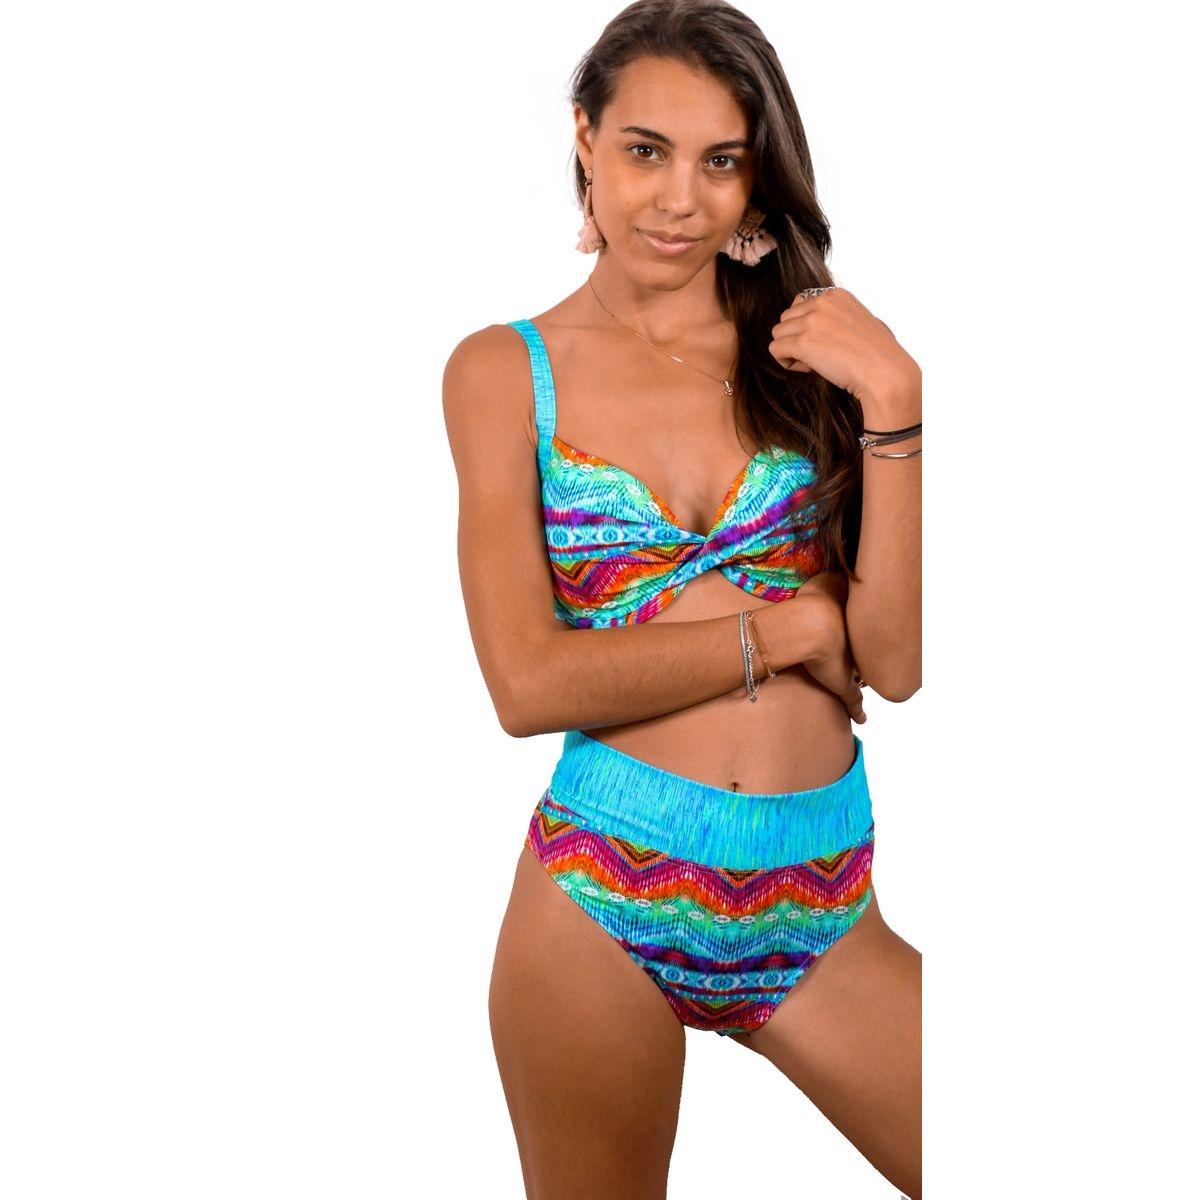 Maillot de bain 2 Pièces Bandeau Playa Vogue Bonnet E Salsa